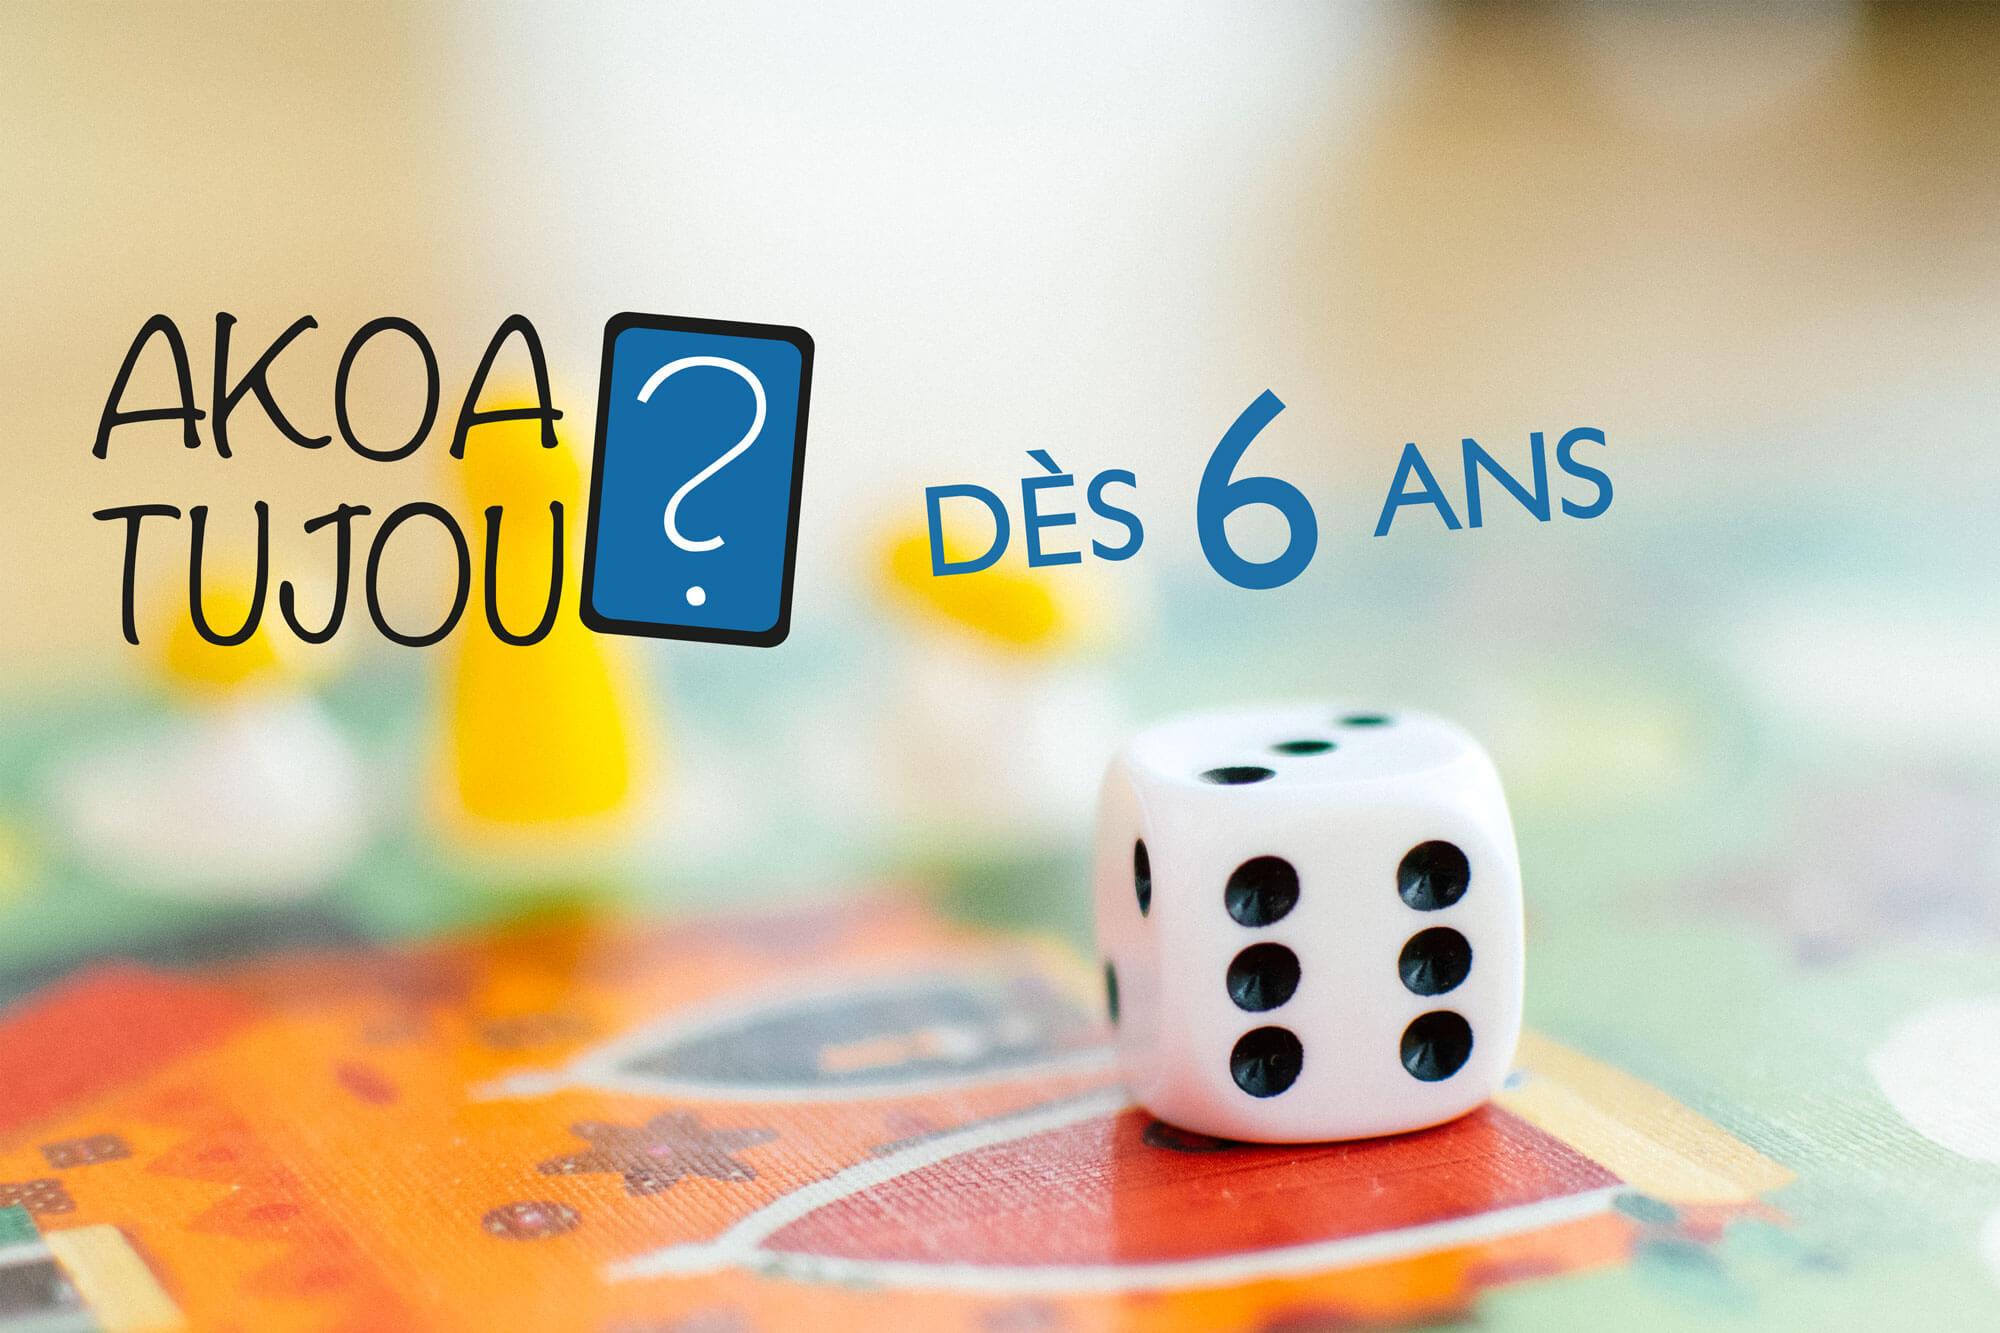 Nos jeux de société dès 6 ans - Jeux pour enfants - Akoa Tujou